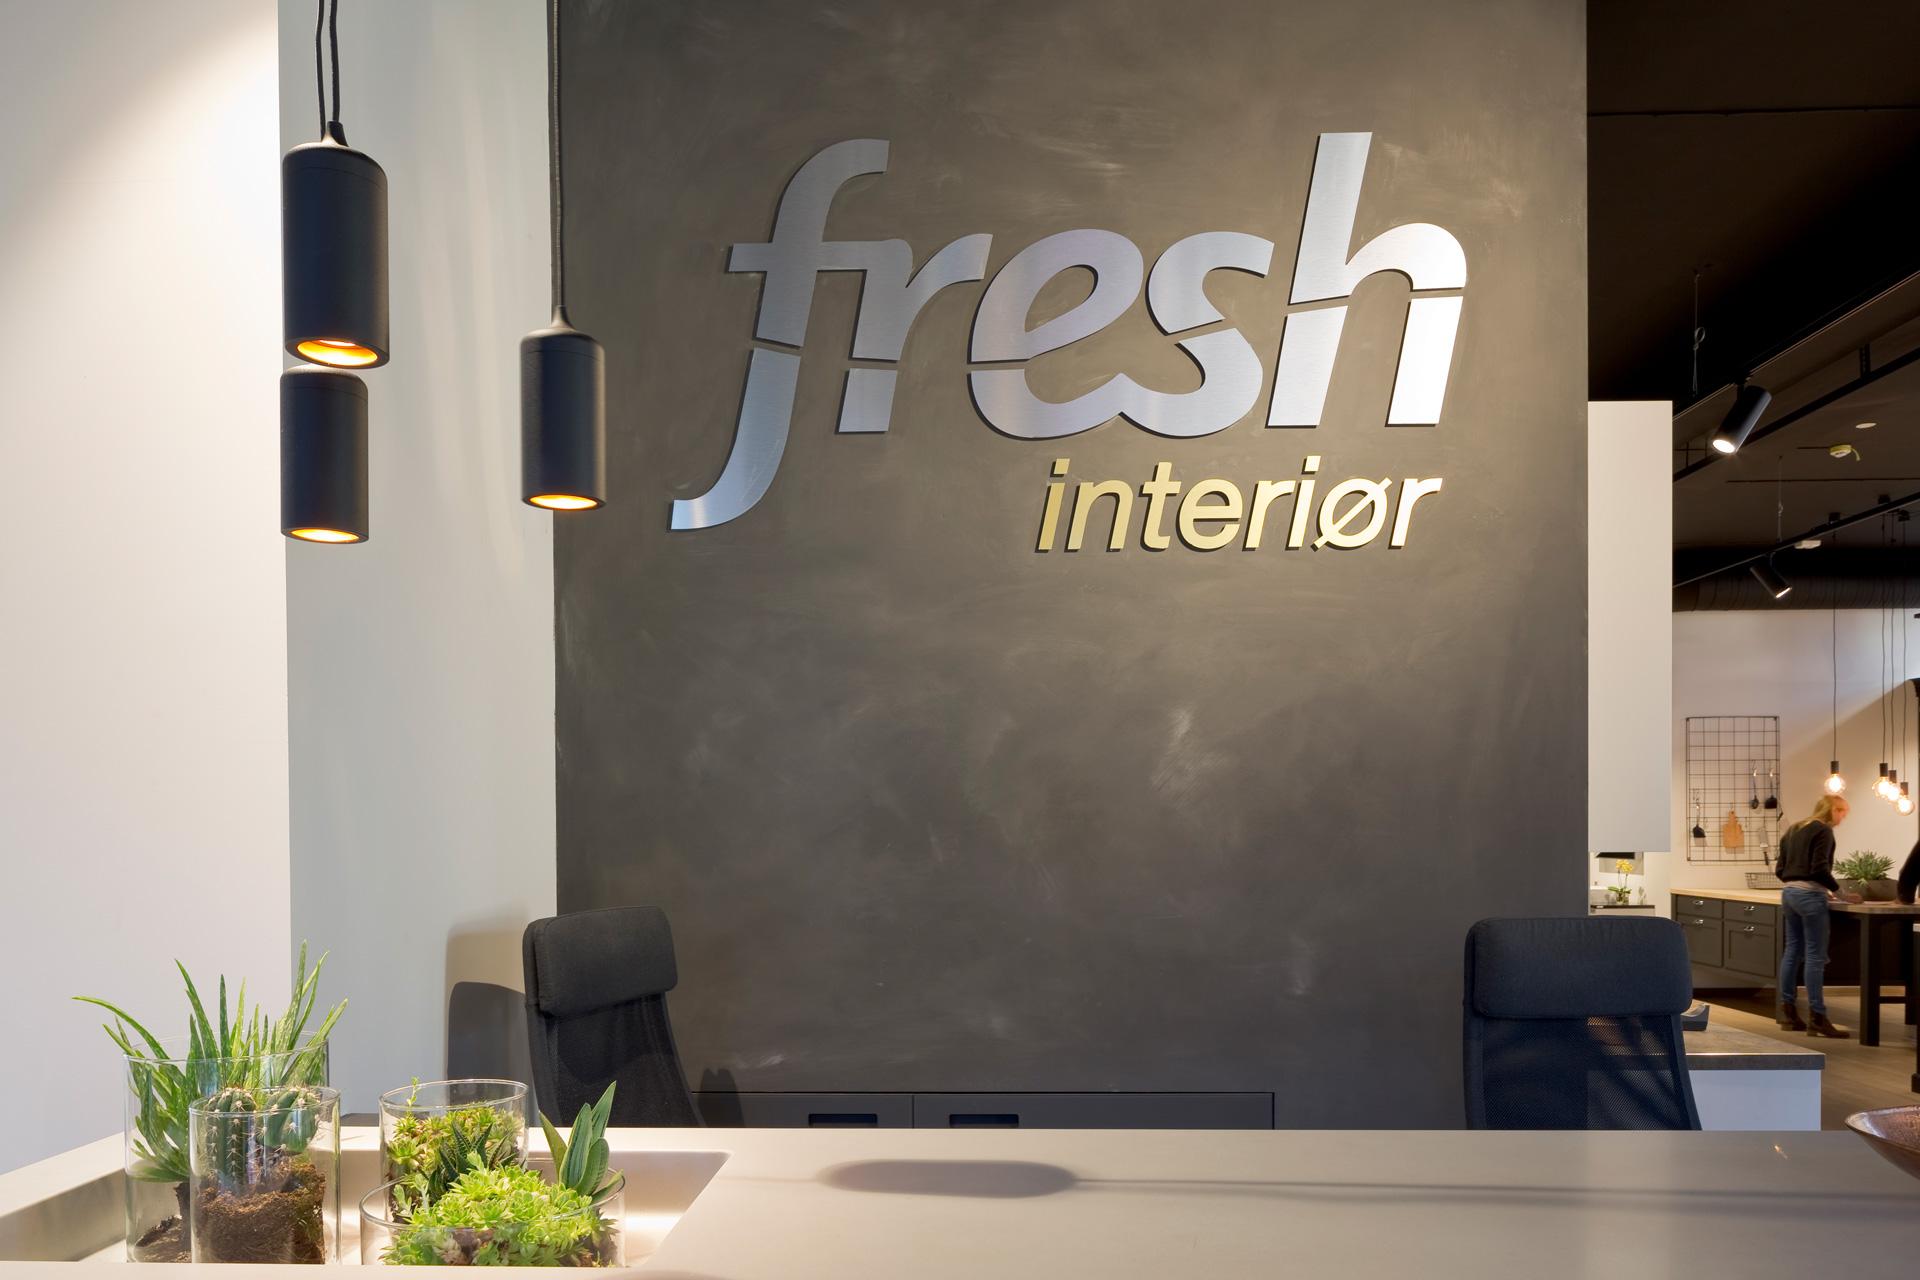 Fresh interiør logo